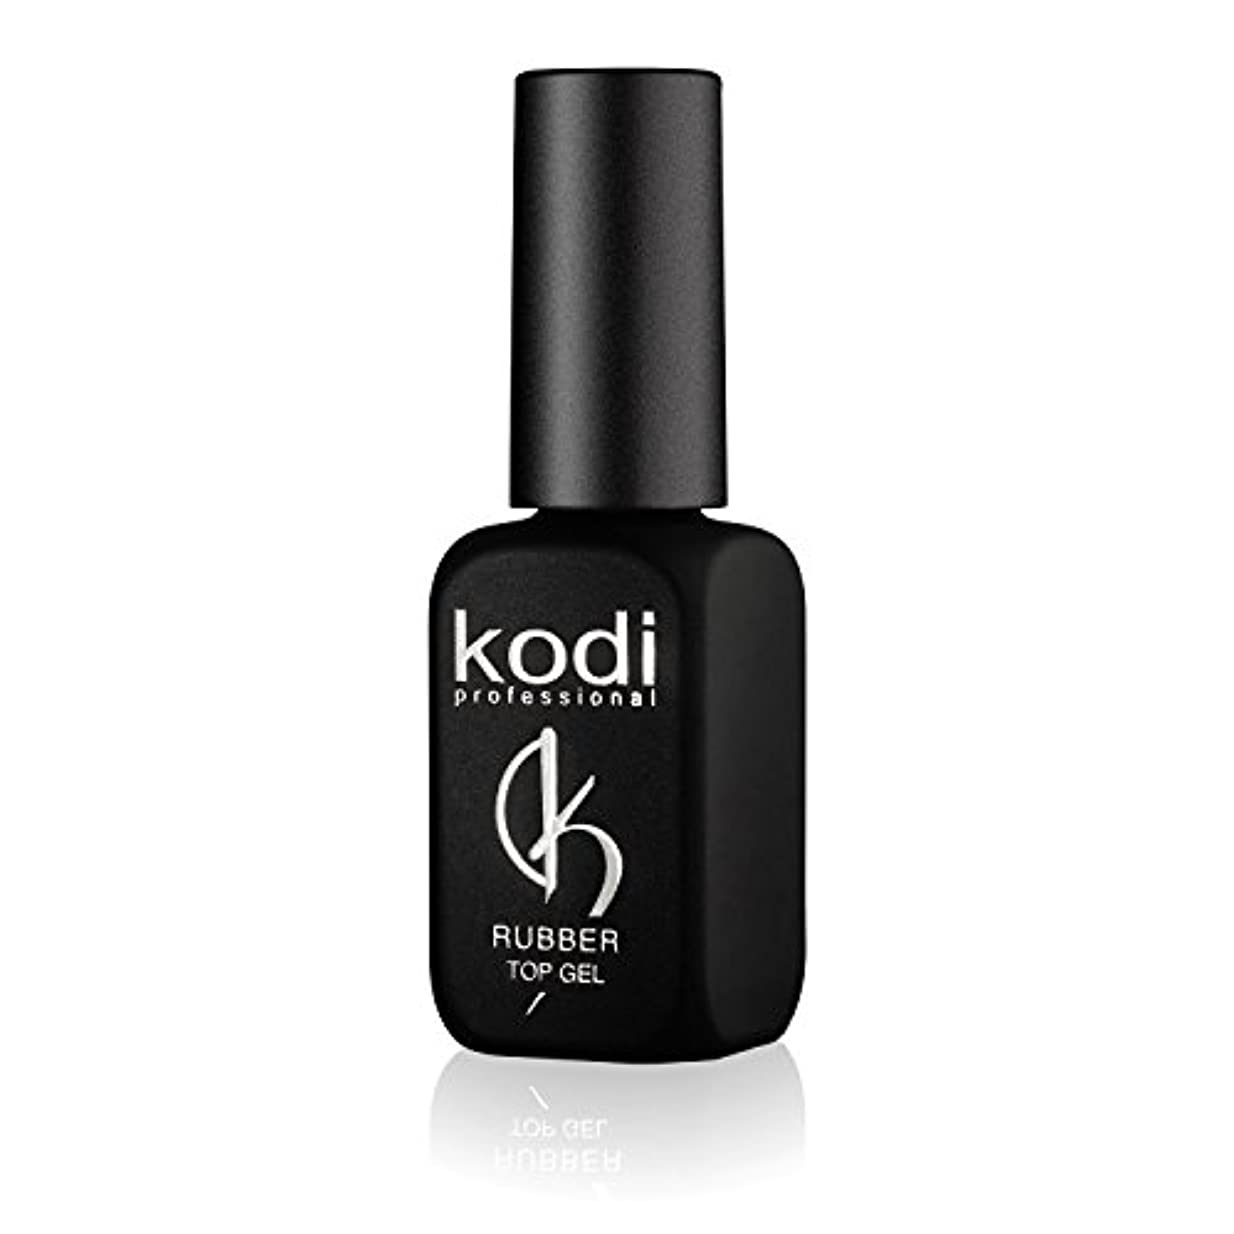 記憶に残るオフセットマークされたProfessional Rubber Top Gel By Kodi | 12ml 0.42 oz | Soak Off, Polish Fingernails Coat Gel | For Long Lasting...